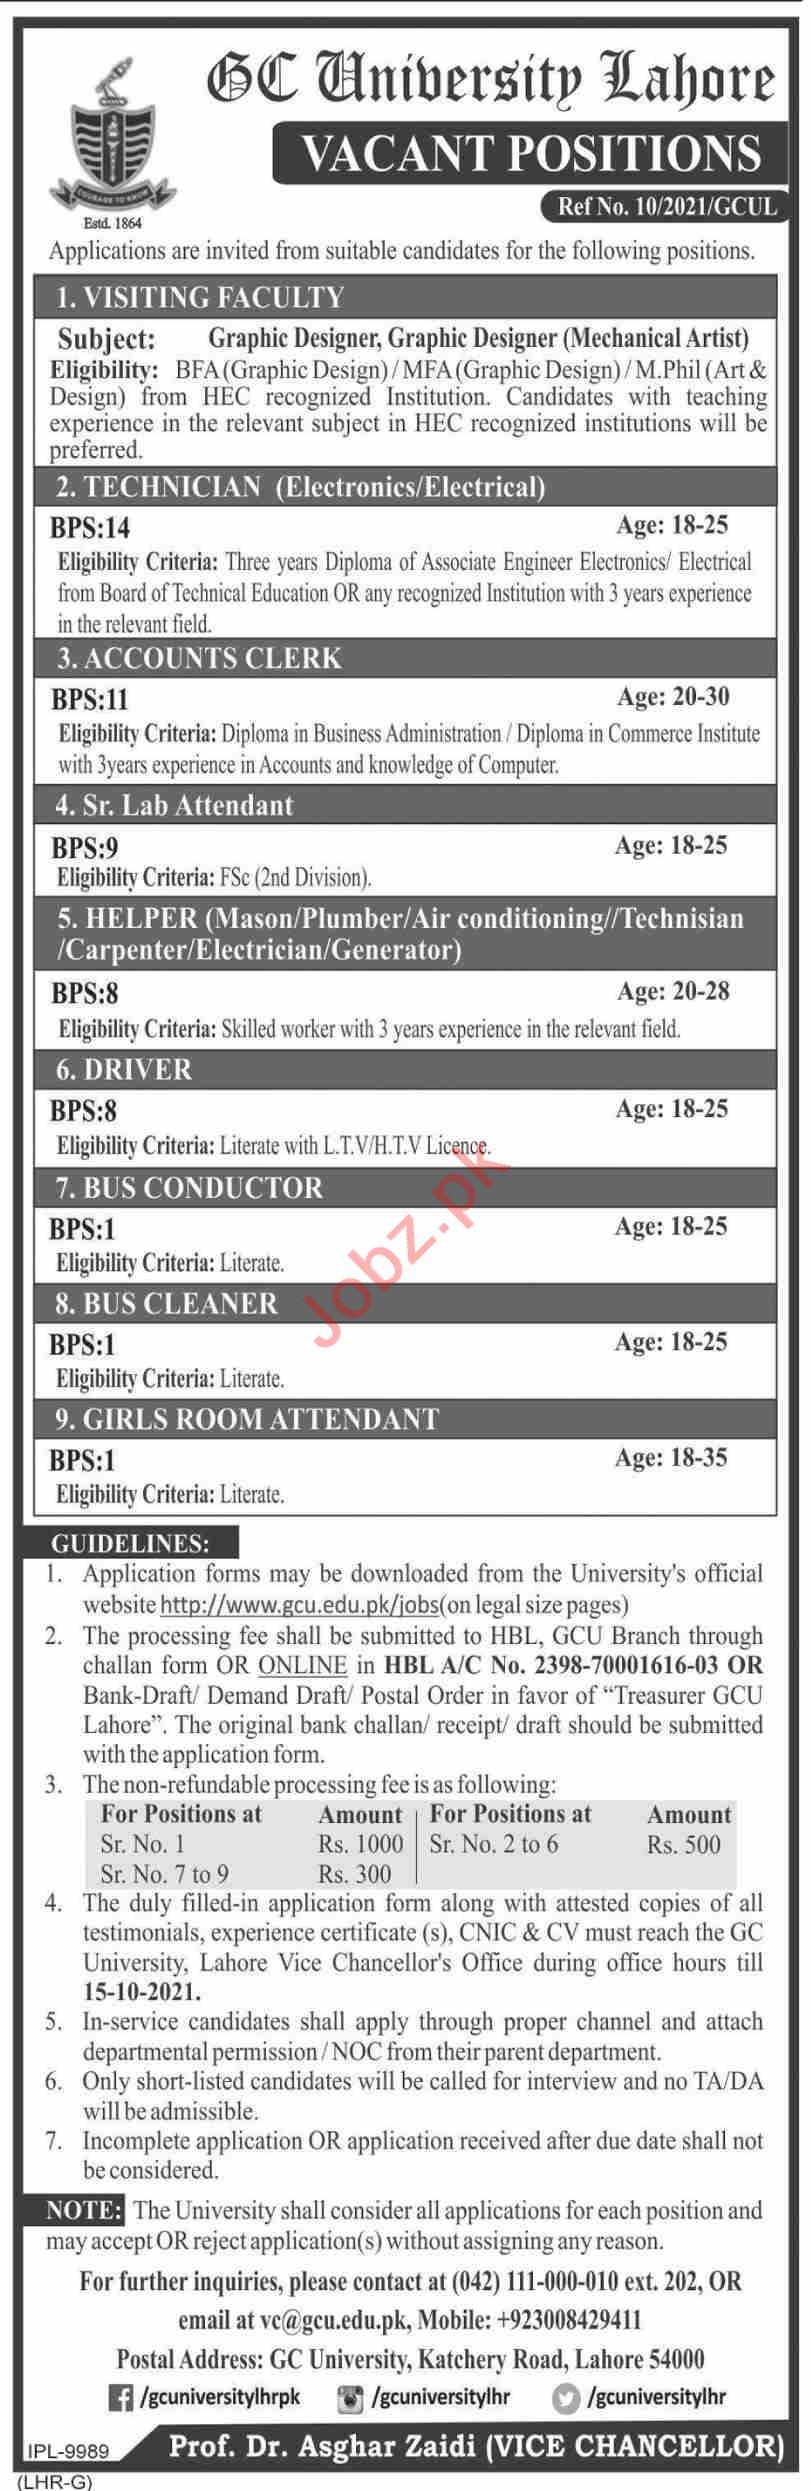 Jobs in GC University Lahore